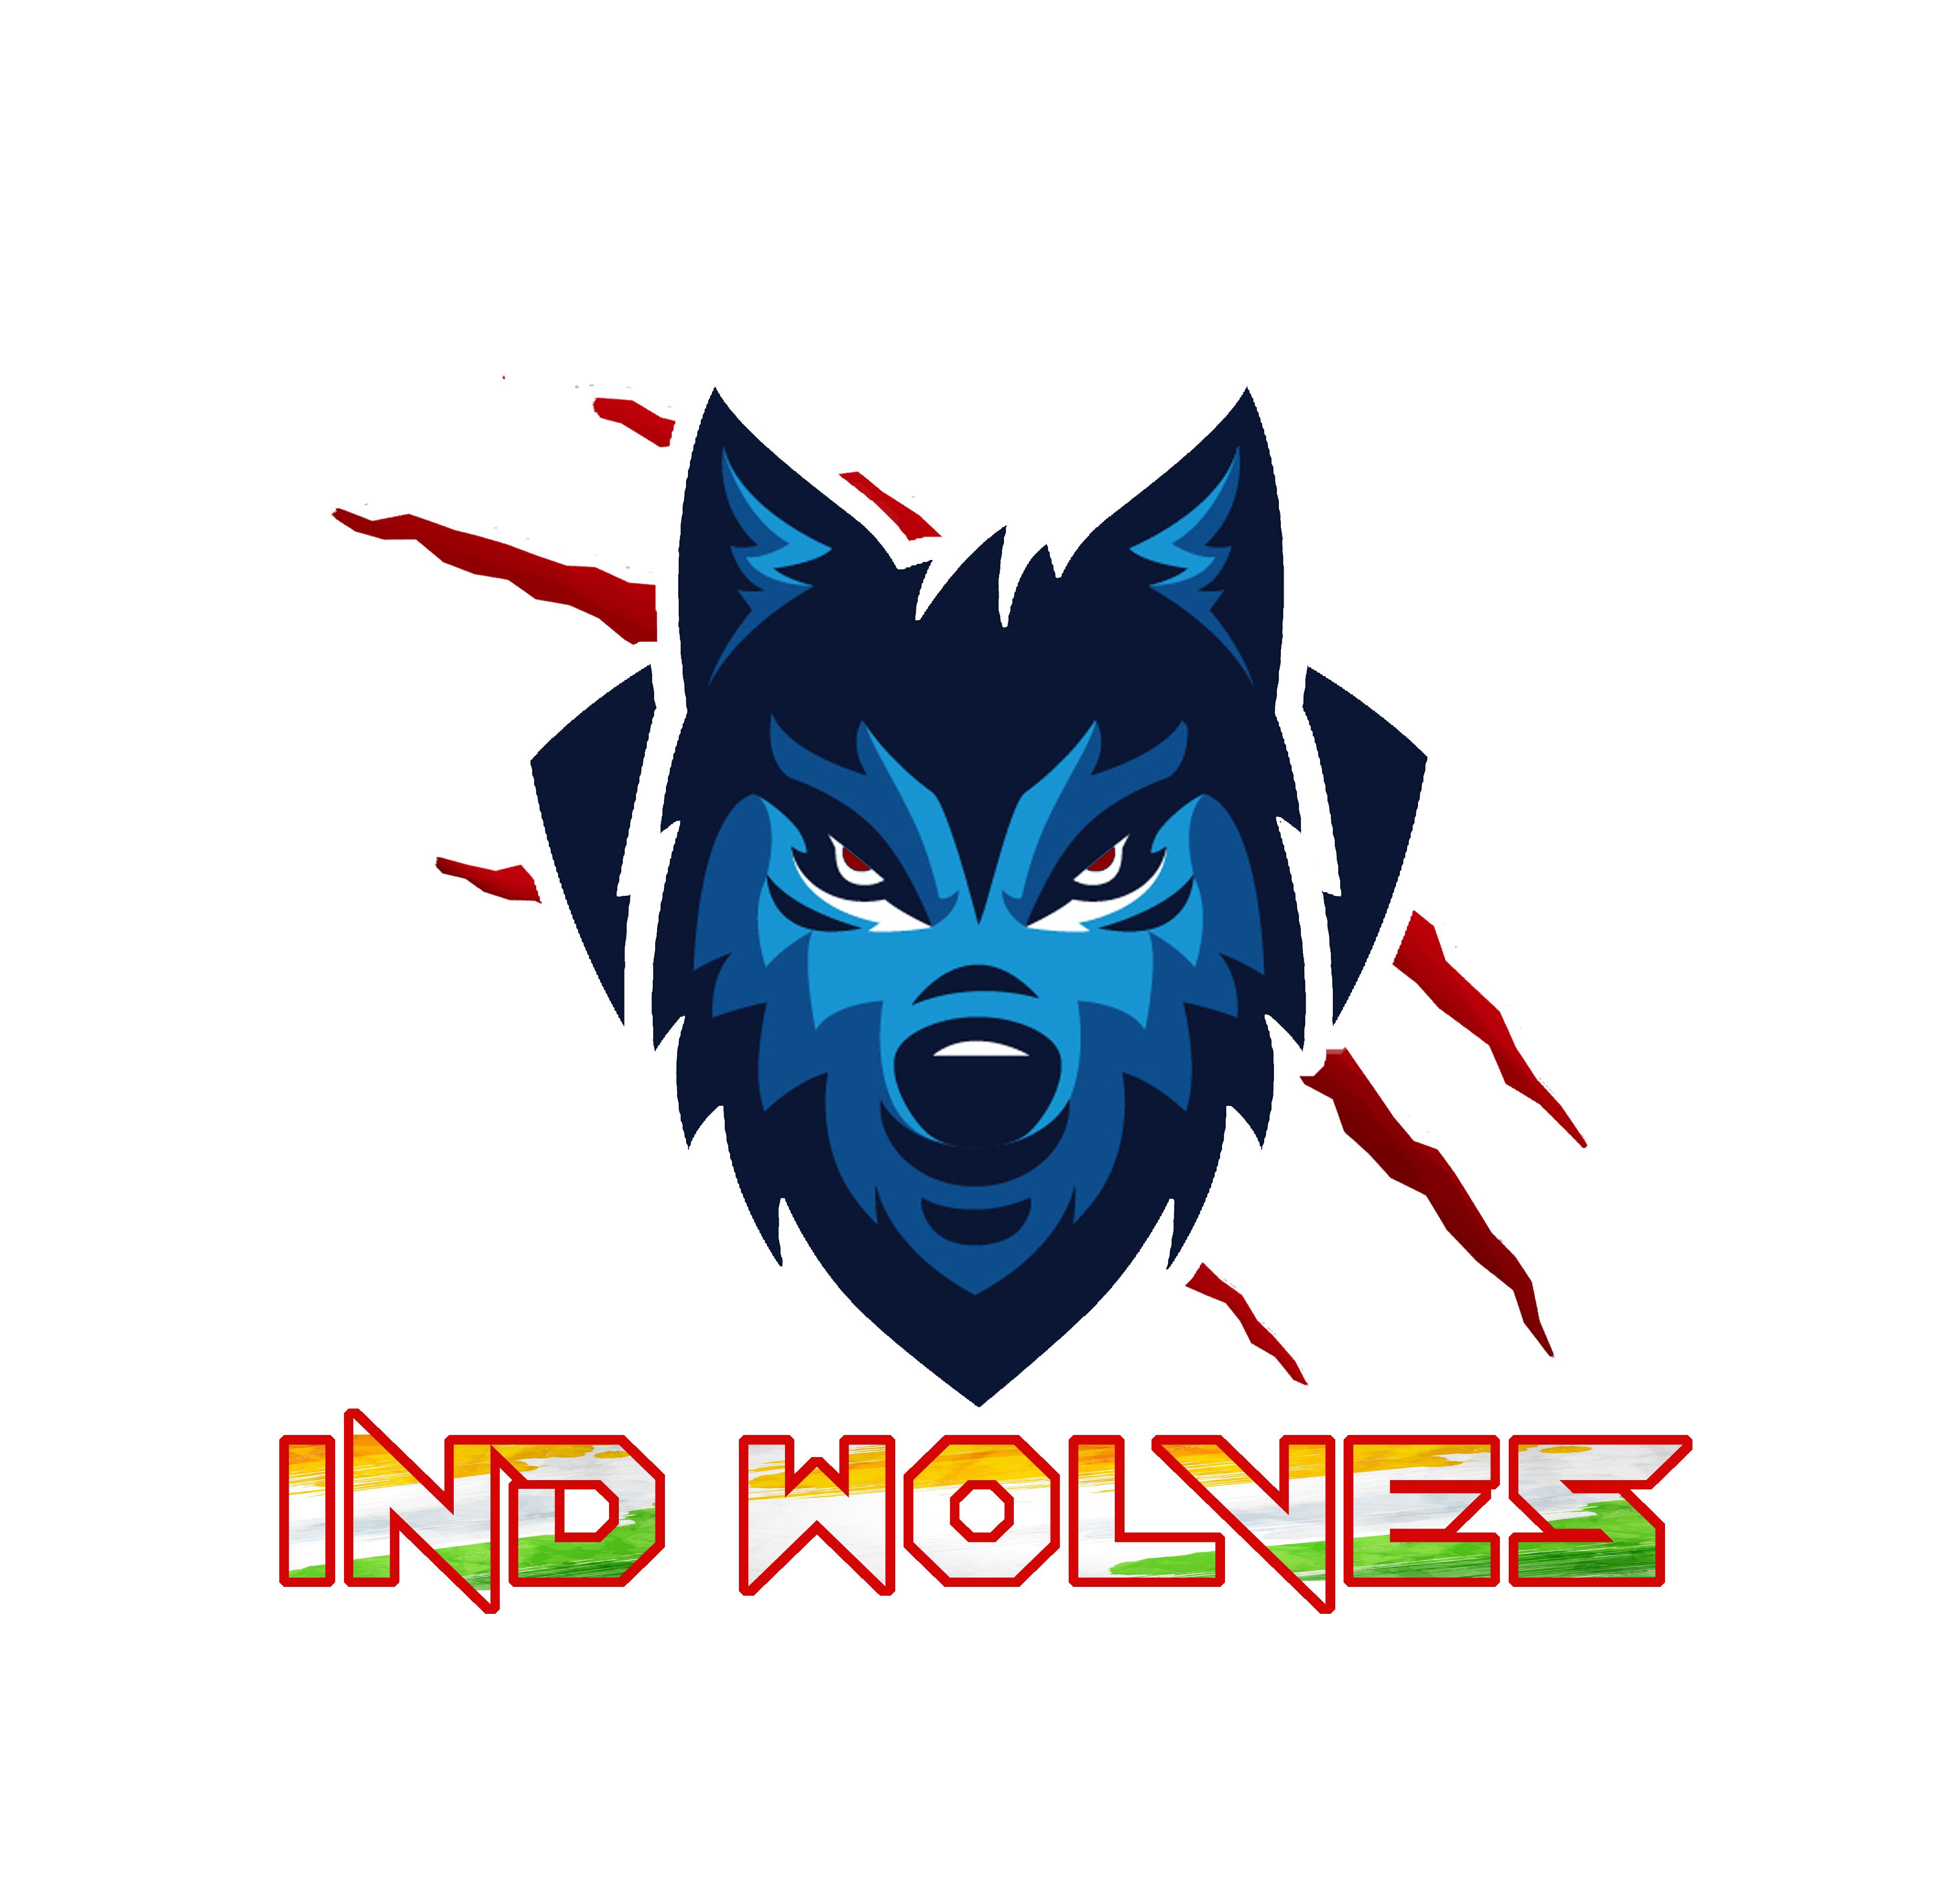 IND_WOLVES